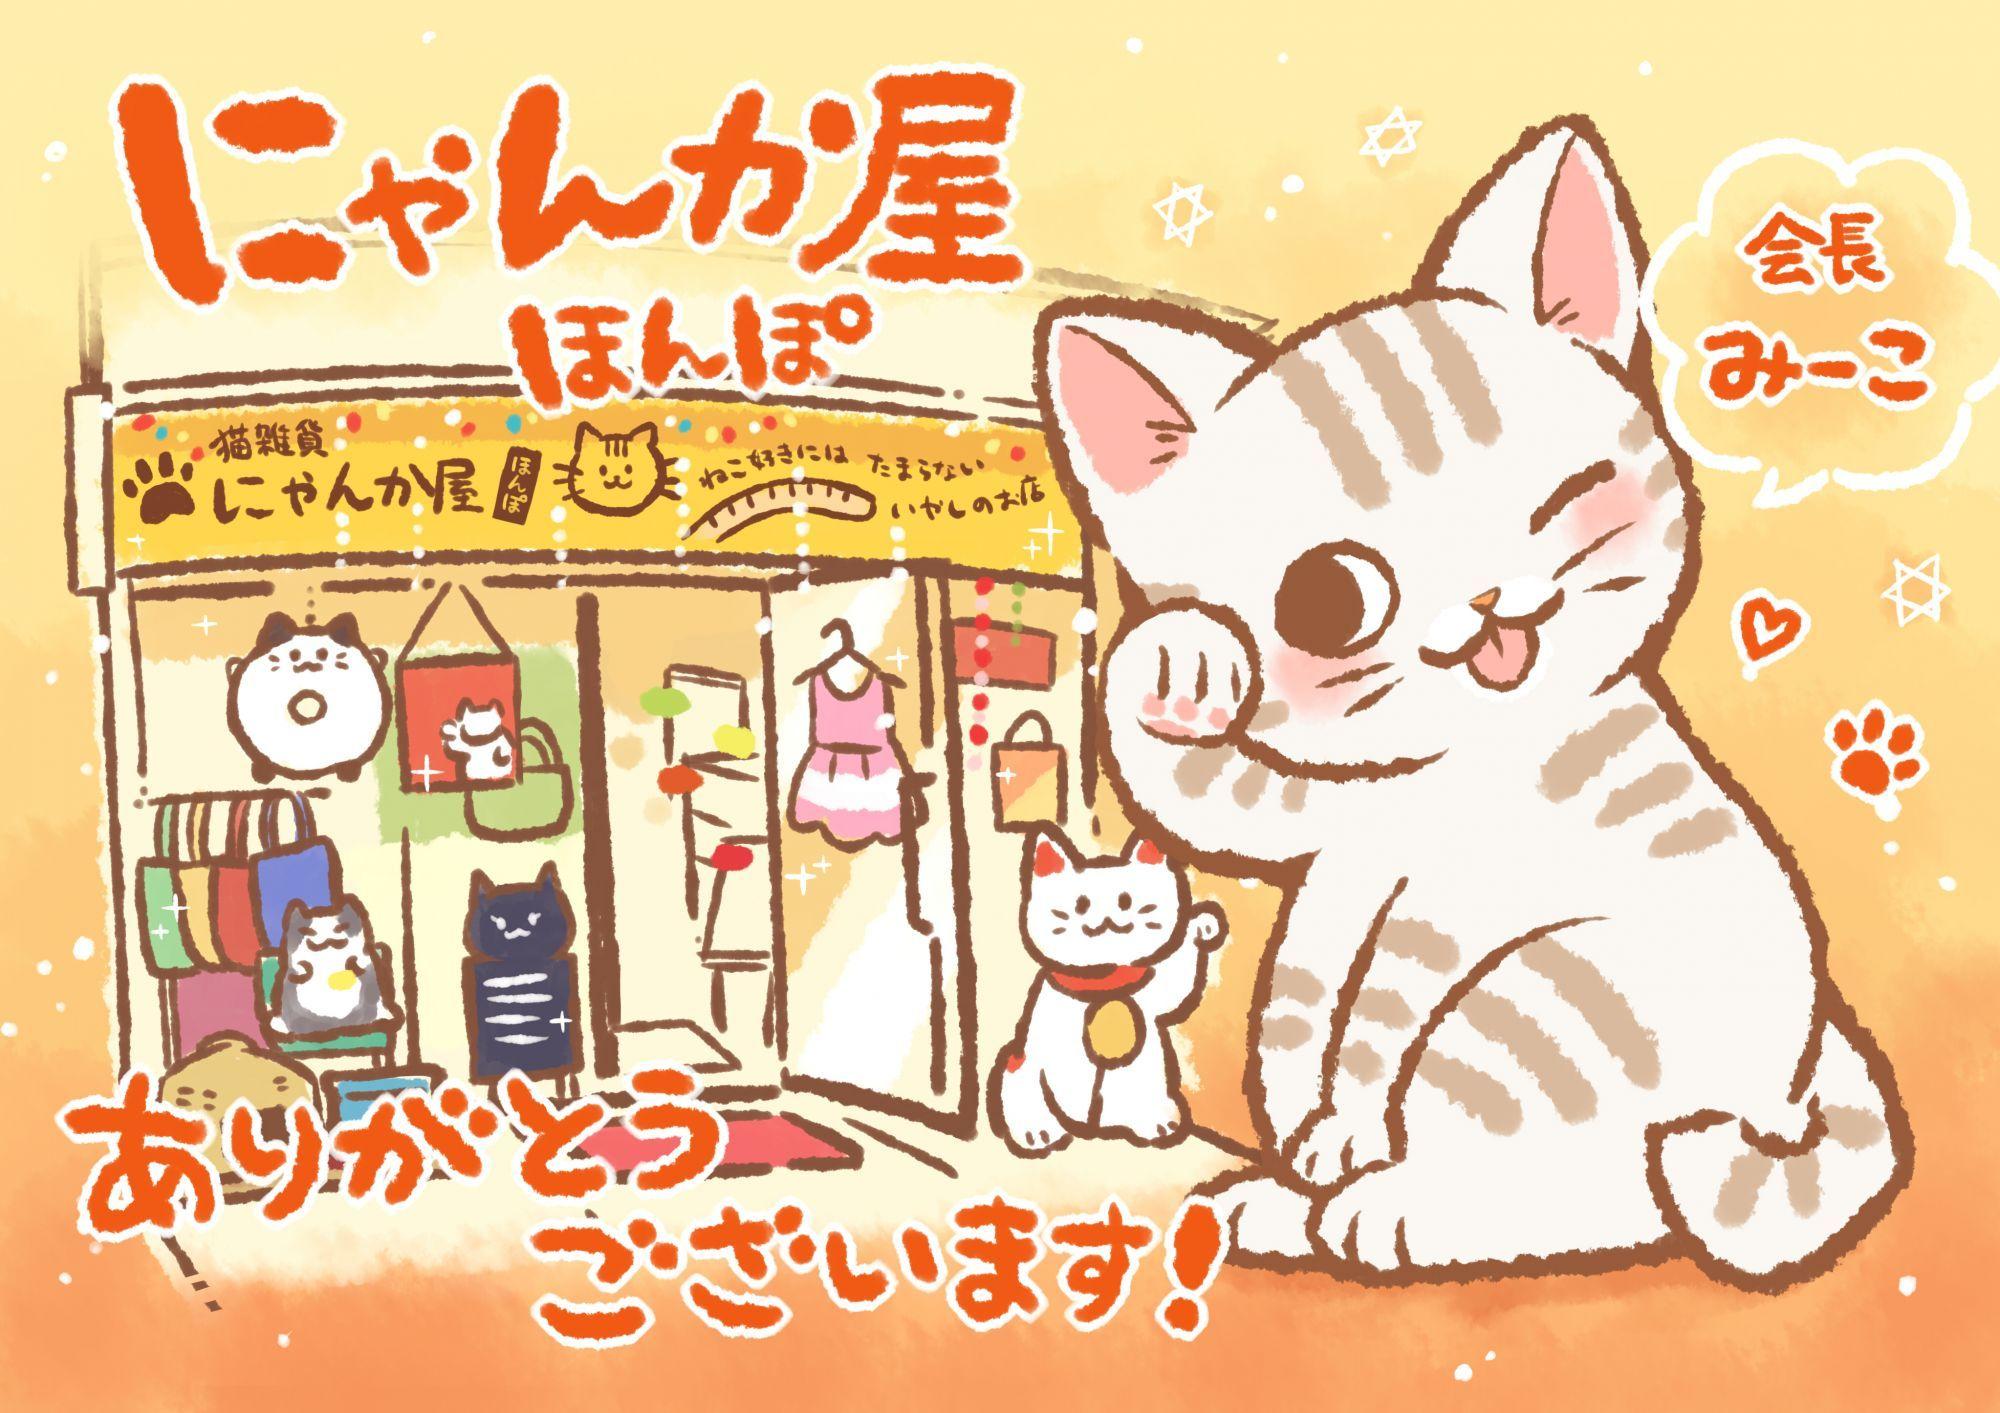 かわいい猫雑貨を通販でお探しなら | 猫グッズ通販のにゃんか屋ほんぽ